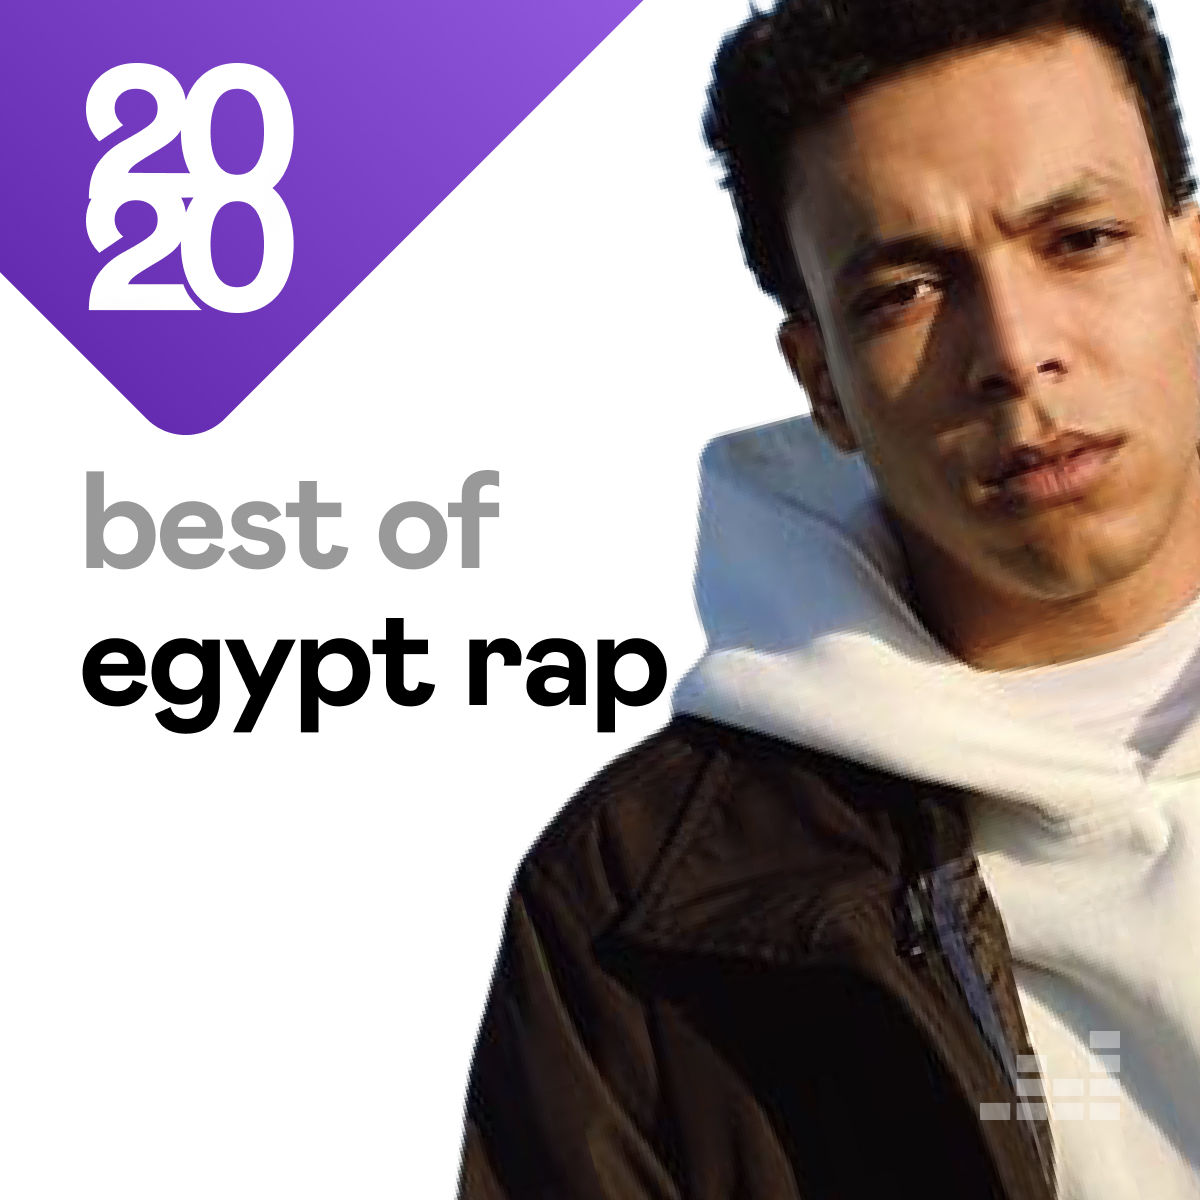 حبنا لأغاني الراب المصري جمعناه كله في قائمة بأفضل الأغاني في 2020، 🔥😍 ما هى أكثر أغنية تحبها؟ 🤔❤️ استمتع بالقائمة الآن على #Deezer 👇🕺    @Wegzkrofficial #ويجز  #DeezerMENA